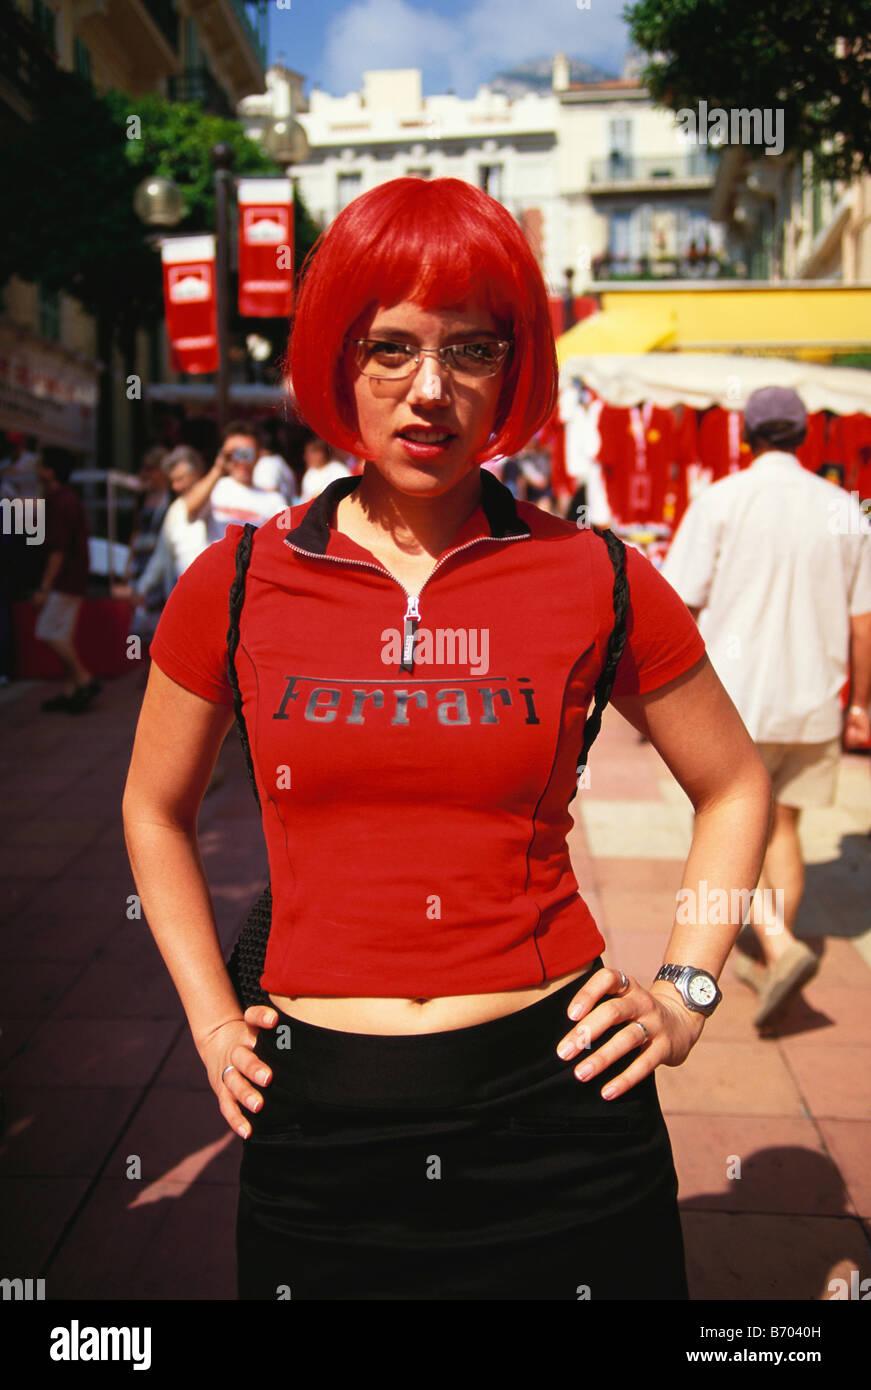 Femmina Sport a motore ventola, Formula 1 Grand Prix F1, Monte Carlo, Monaco, Europa Immagini Stock